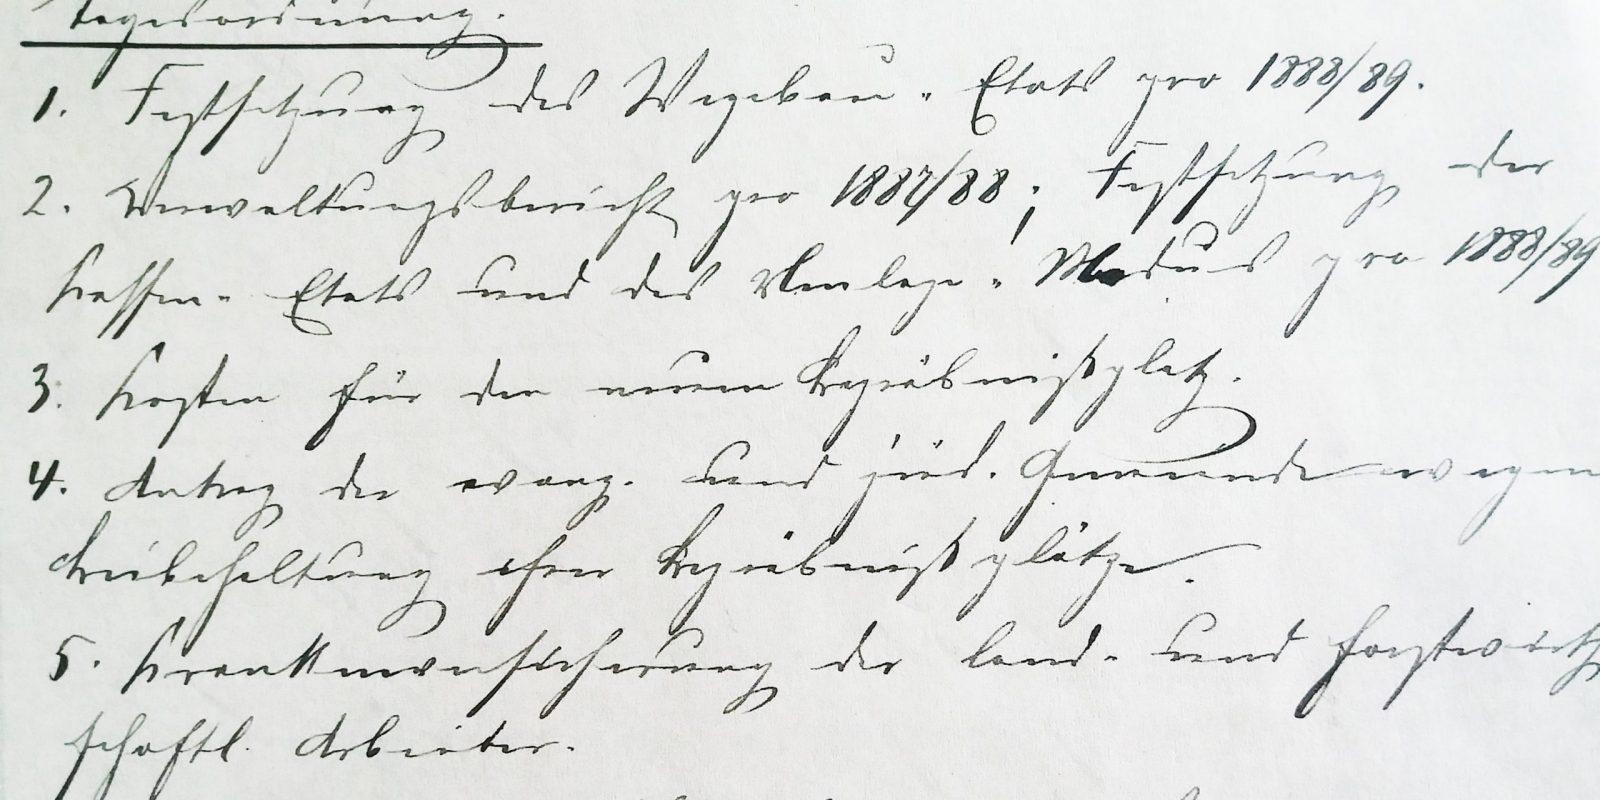 Antrag auf Beibehaltung des Standortes von 1888